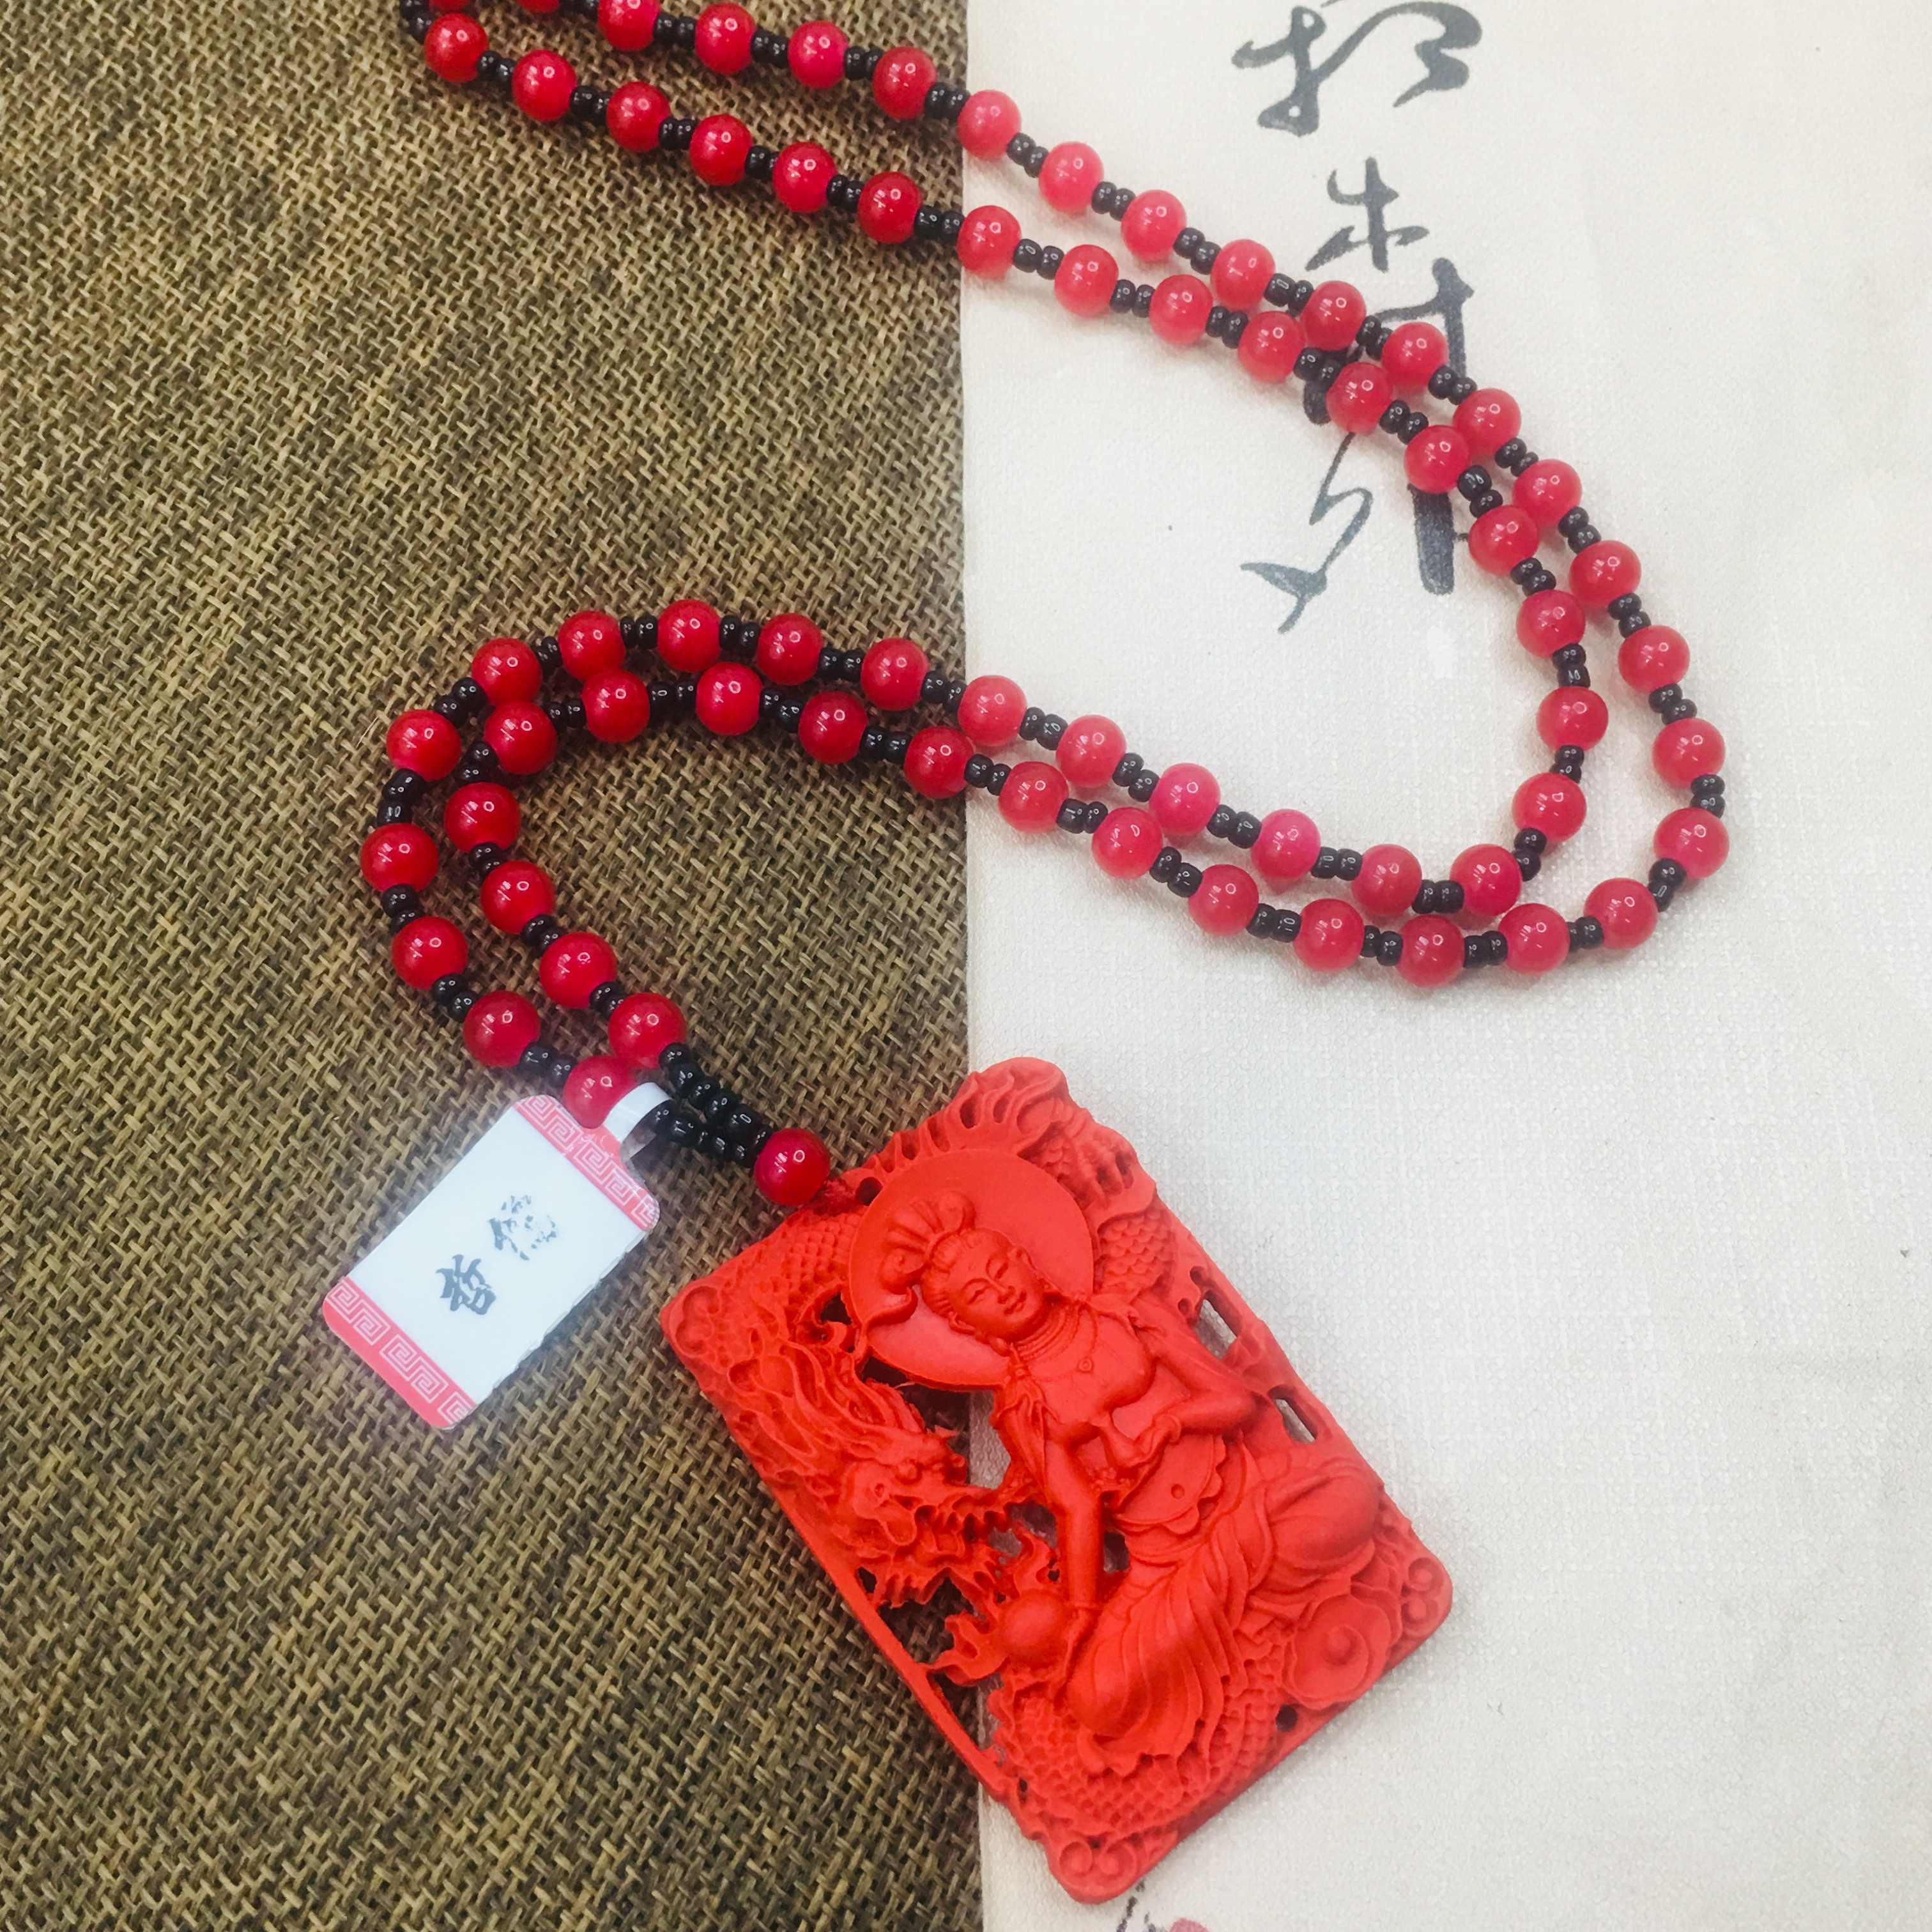 Zheru 天然朱色辰砂と彫刻レッド中空ドラゴン観音ペンダントビーズのネックレスの男性と女性のセーターチェーン